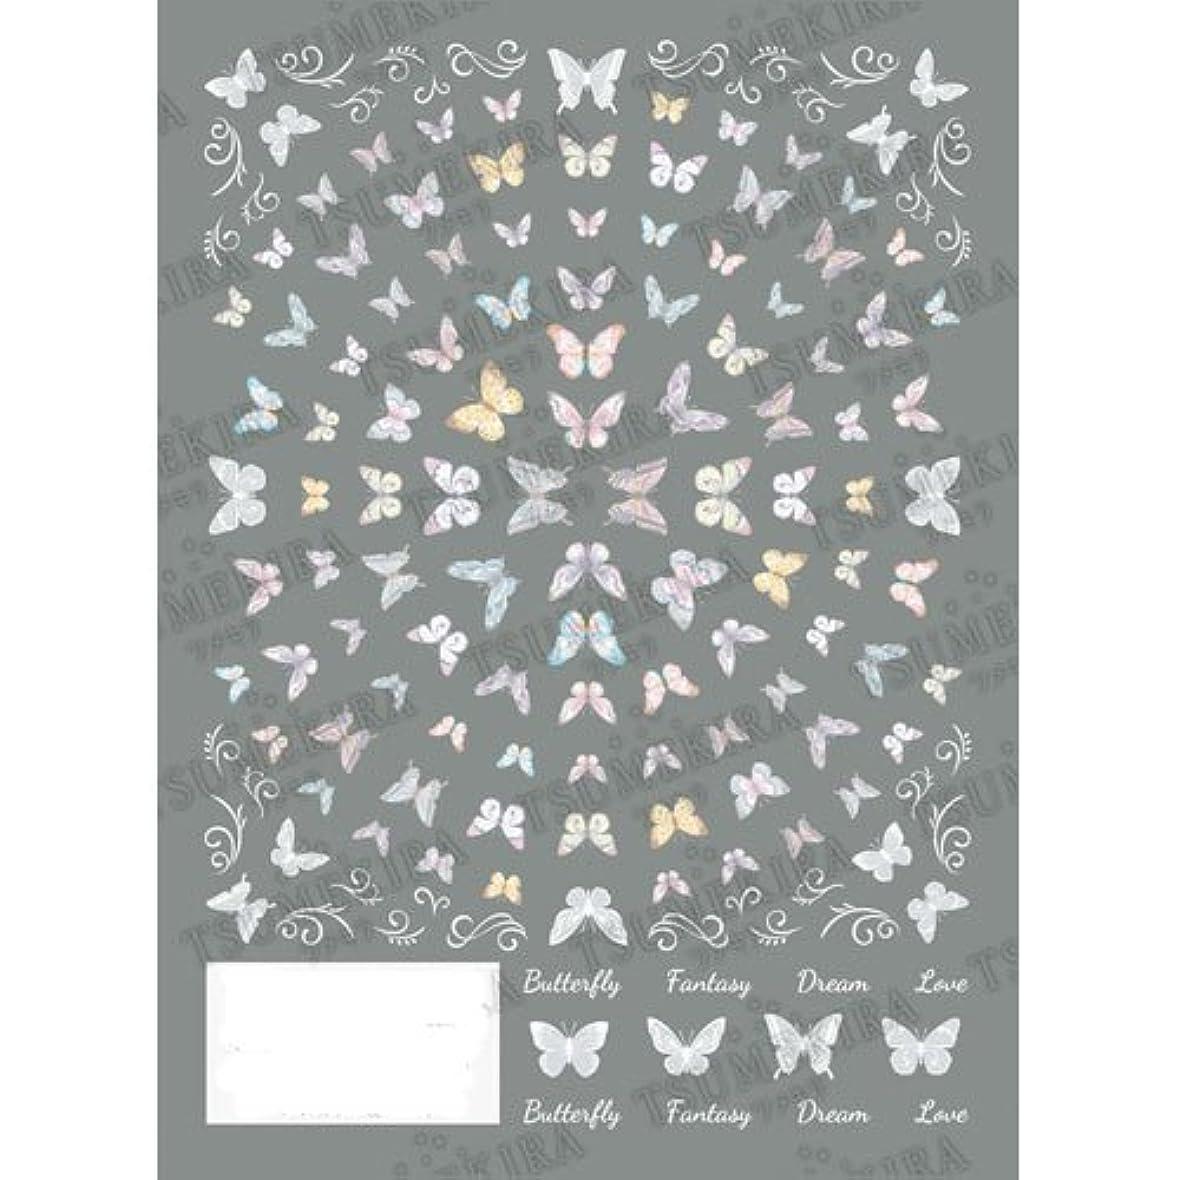 凍る休憩ギャンブルTSUMEKIRA(ツメキラ) ネイルシール バタフライ ペールカラー&ホワイト NN-BUT-201